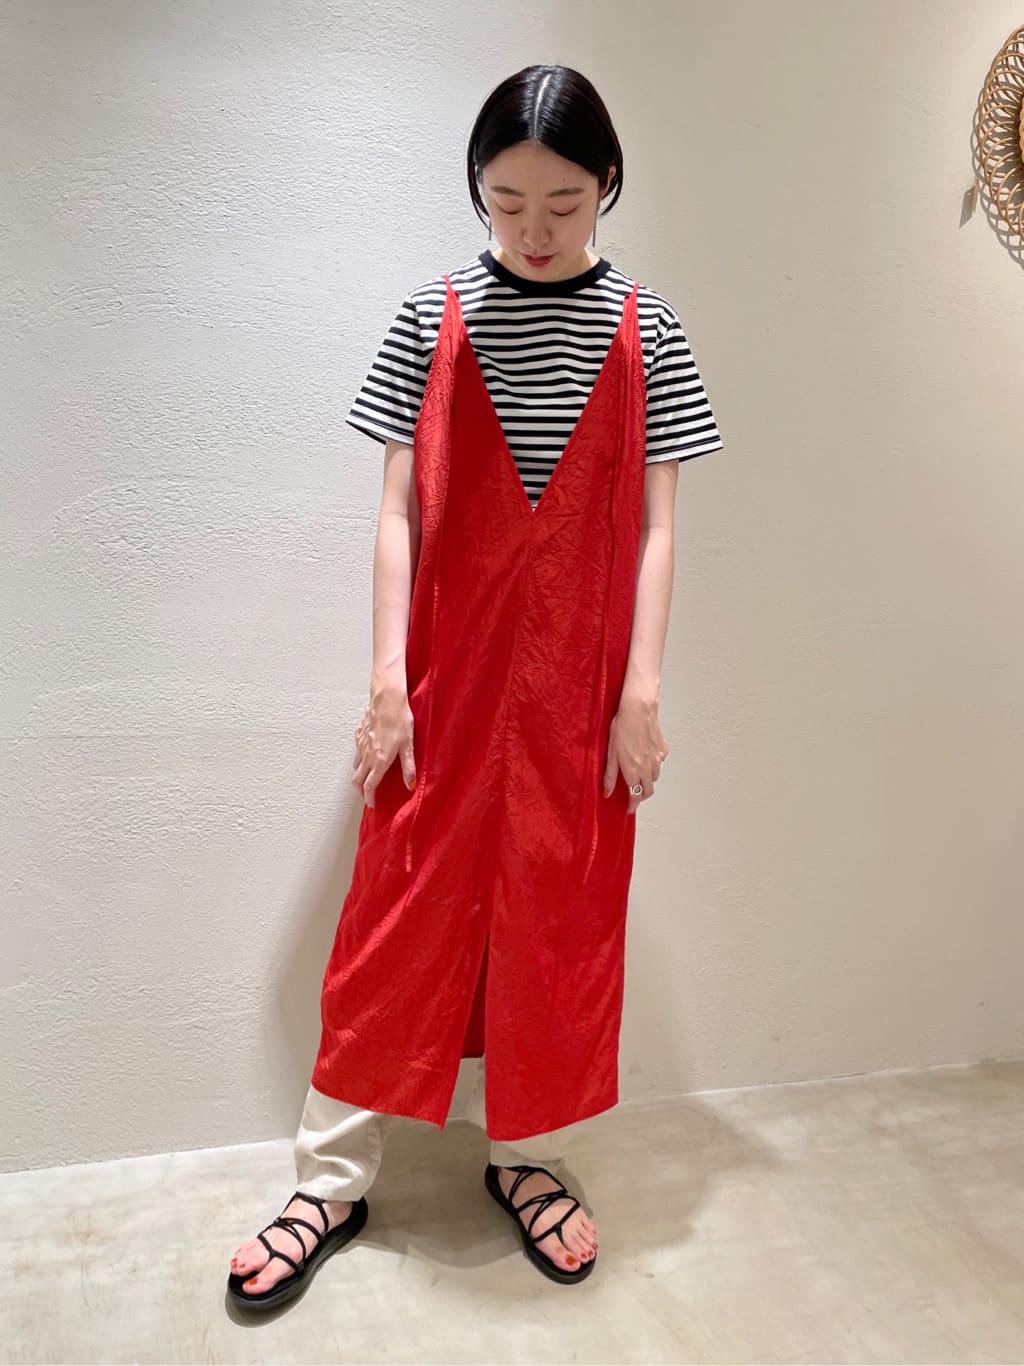 yuni ニュウマン横浜 身長:166cm 2021.06.30